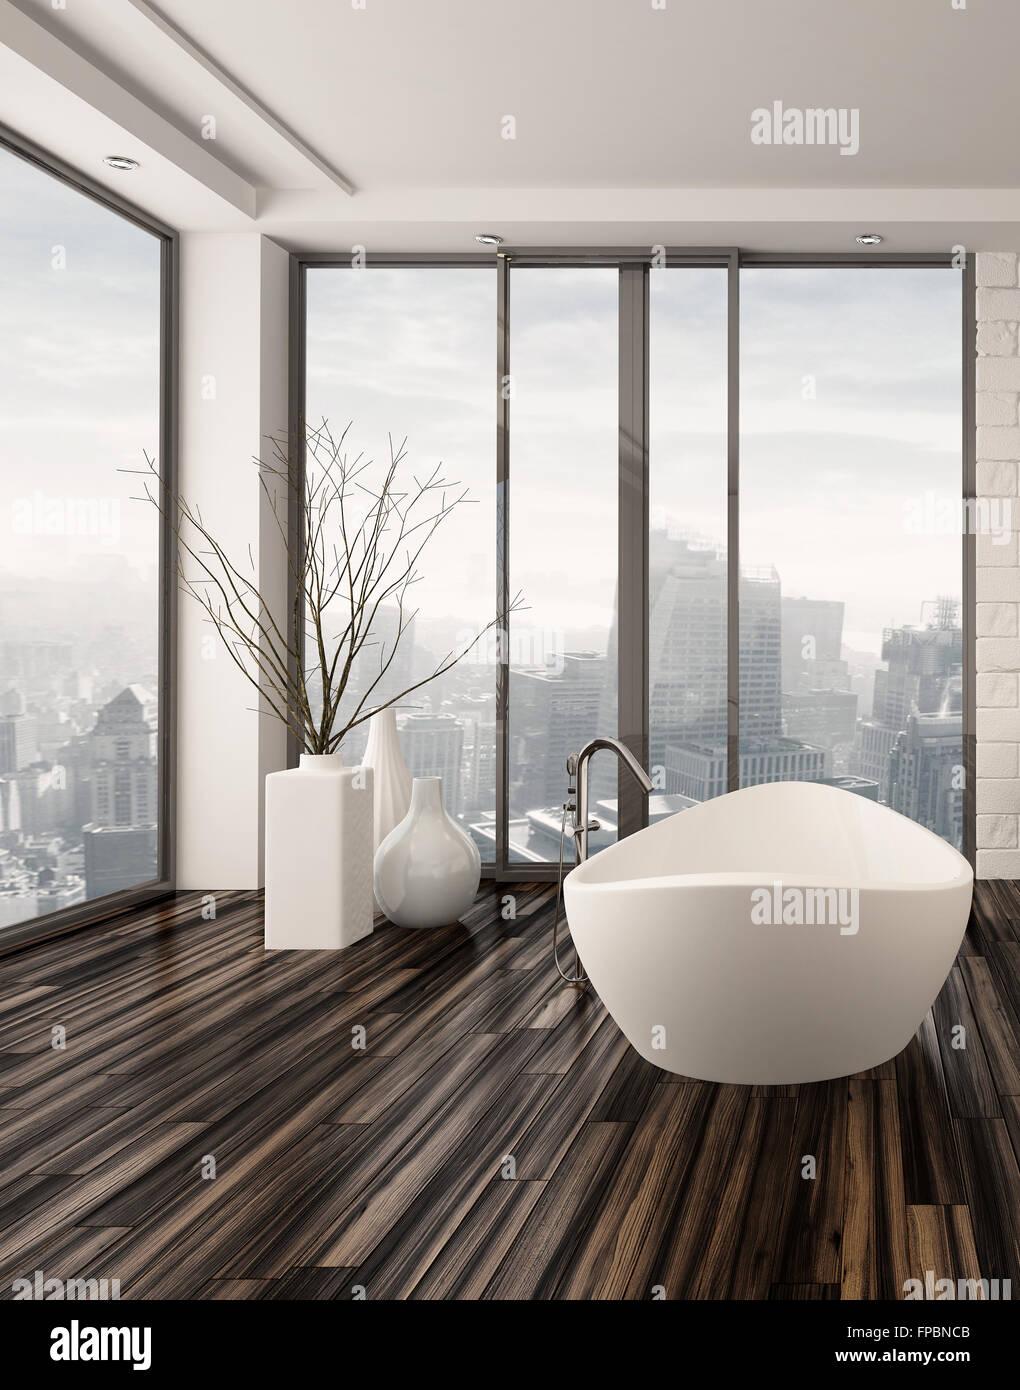 Modernes Badezimmer Interieur Mit Weissen Freistehende Badewanne Auf